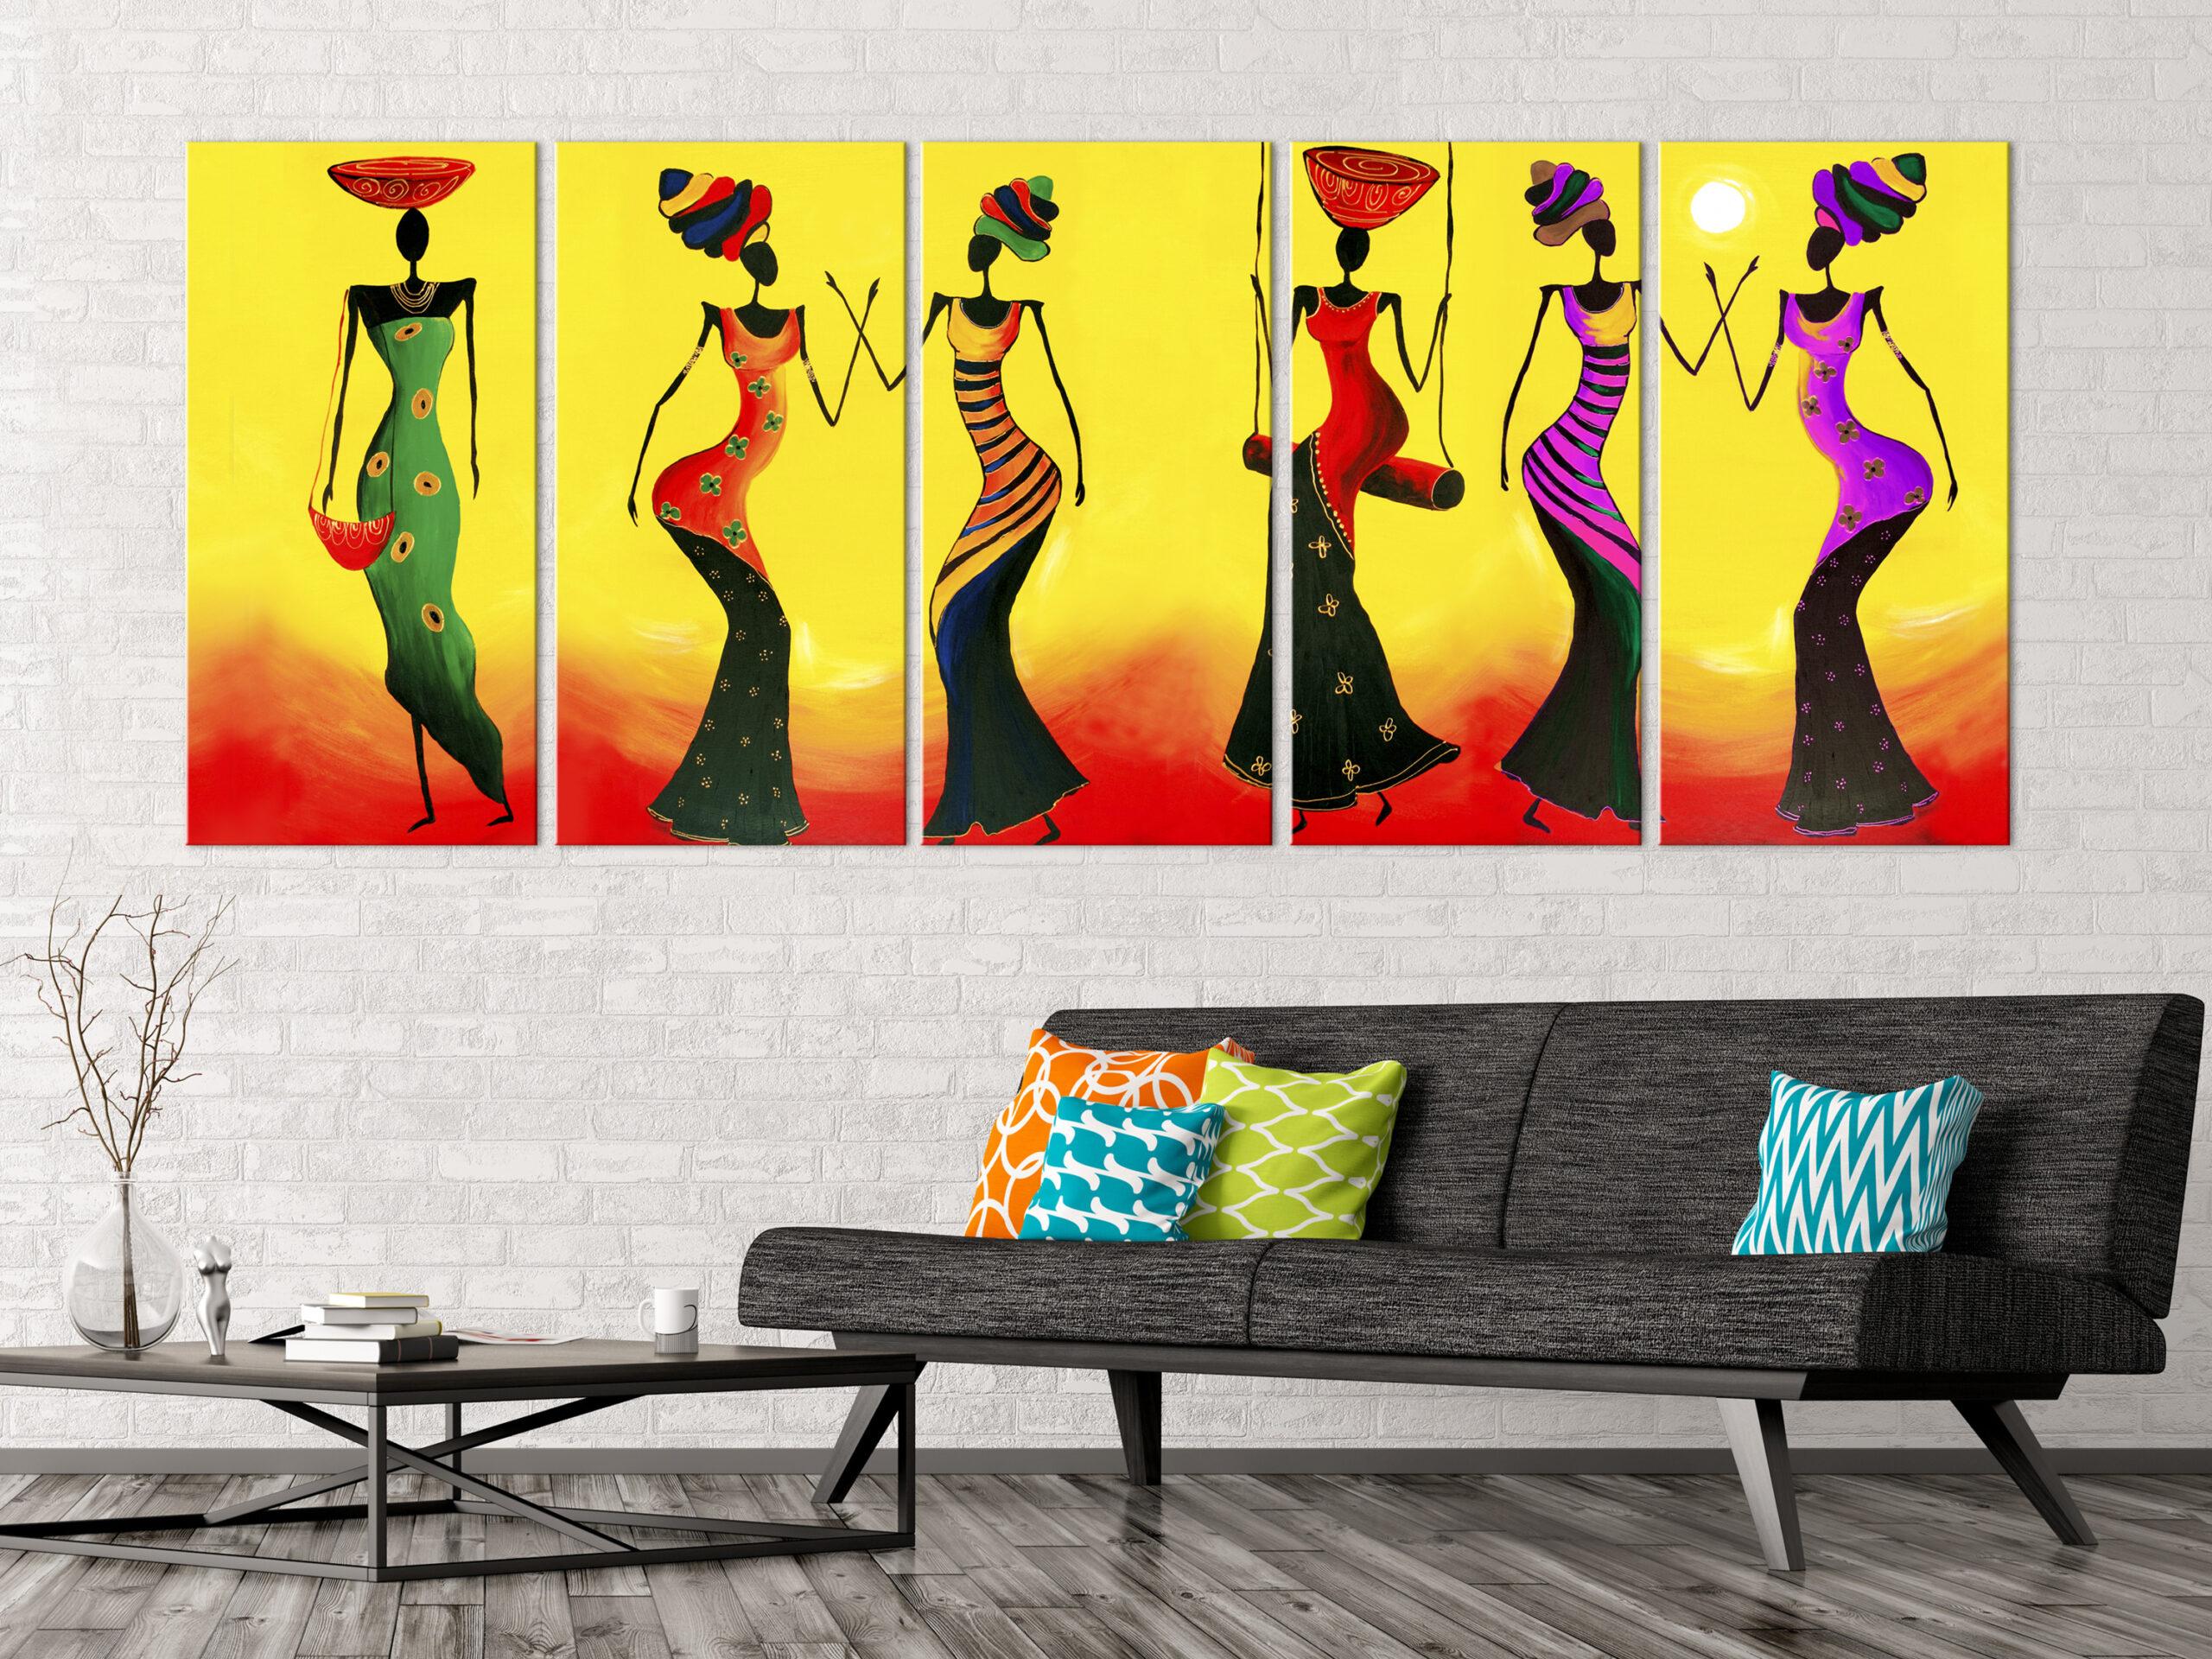 Full Size of Wandbilder Wohnzimmer Modern Xxl Bunt Abstrakte Leinwand Bilder A 0316 Wandtattoo Lampen Deckenlampe Teppich Board Modernes Bett Sofa Grau Moderne Duschen Wohnzimmer Wandbilder Wohnzimmer Modern Xxl